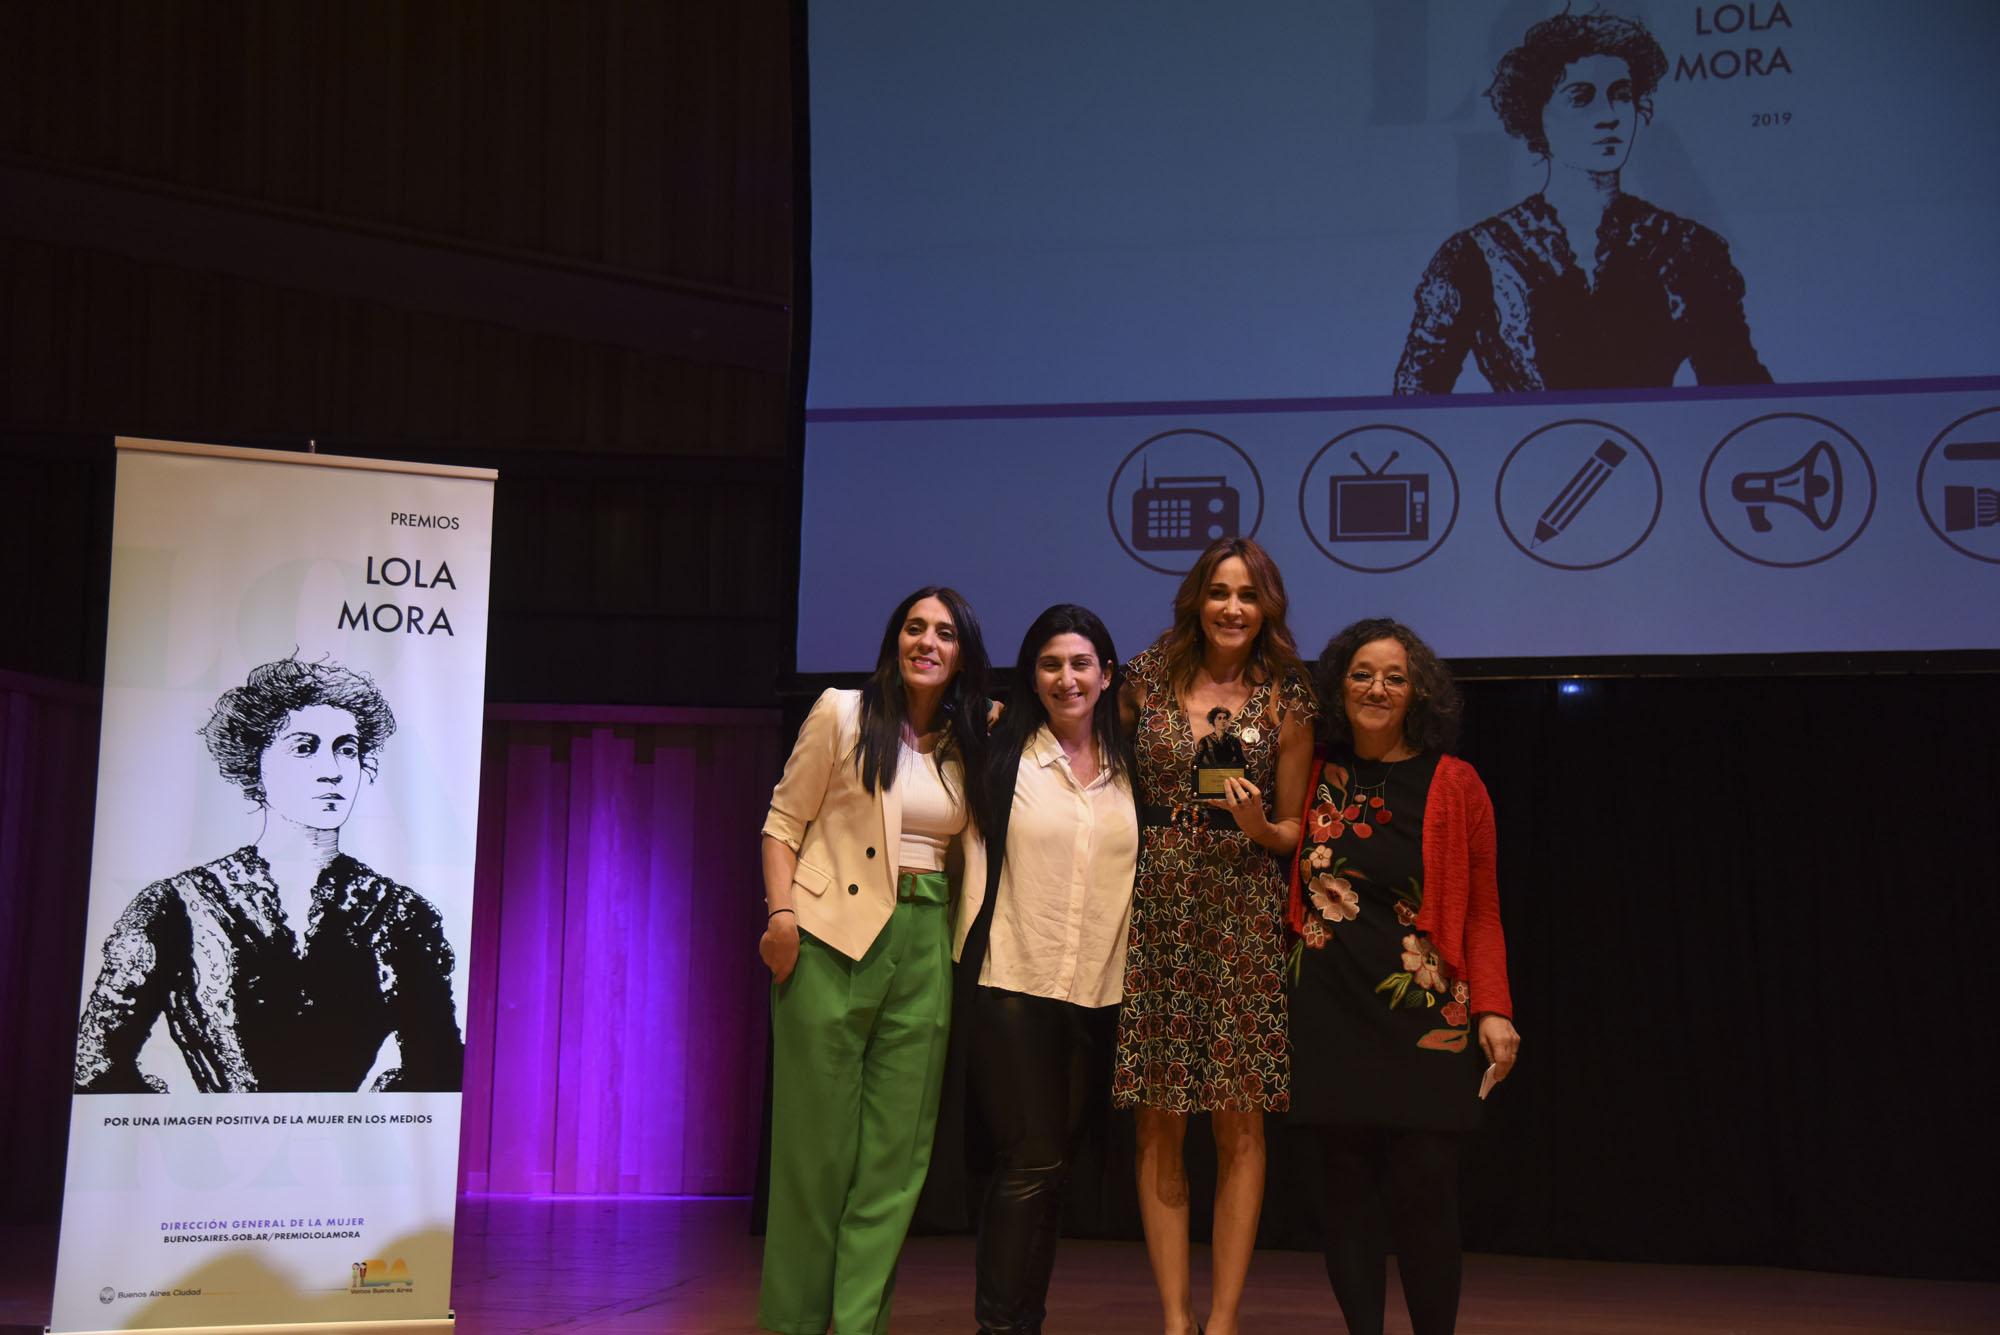 Premios Lola Mora 2019.